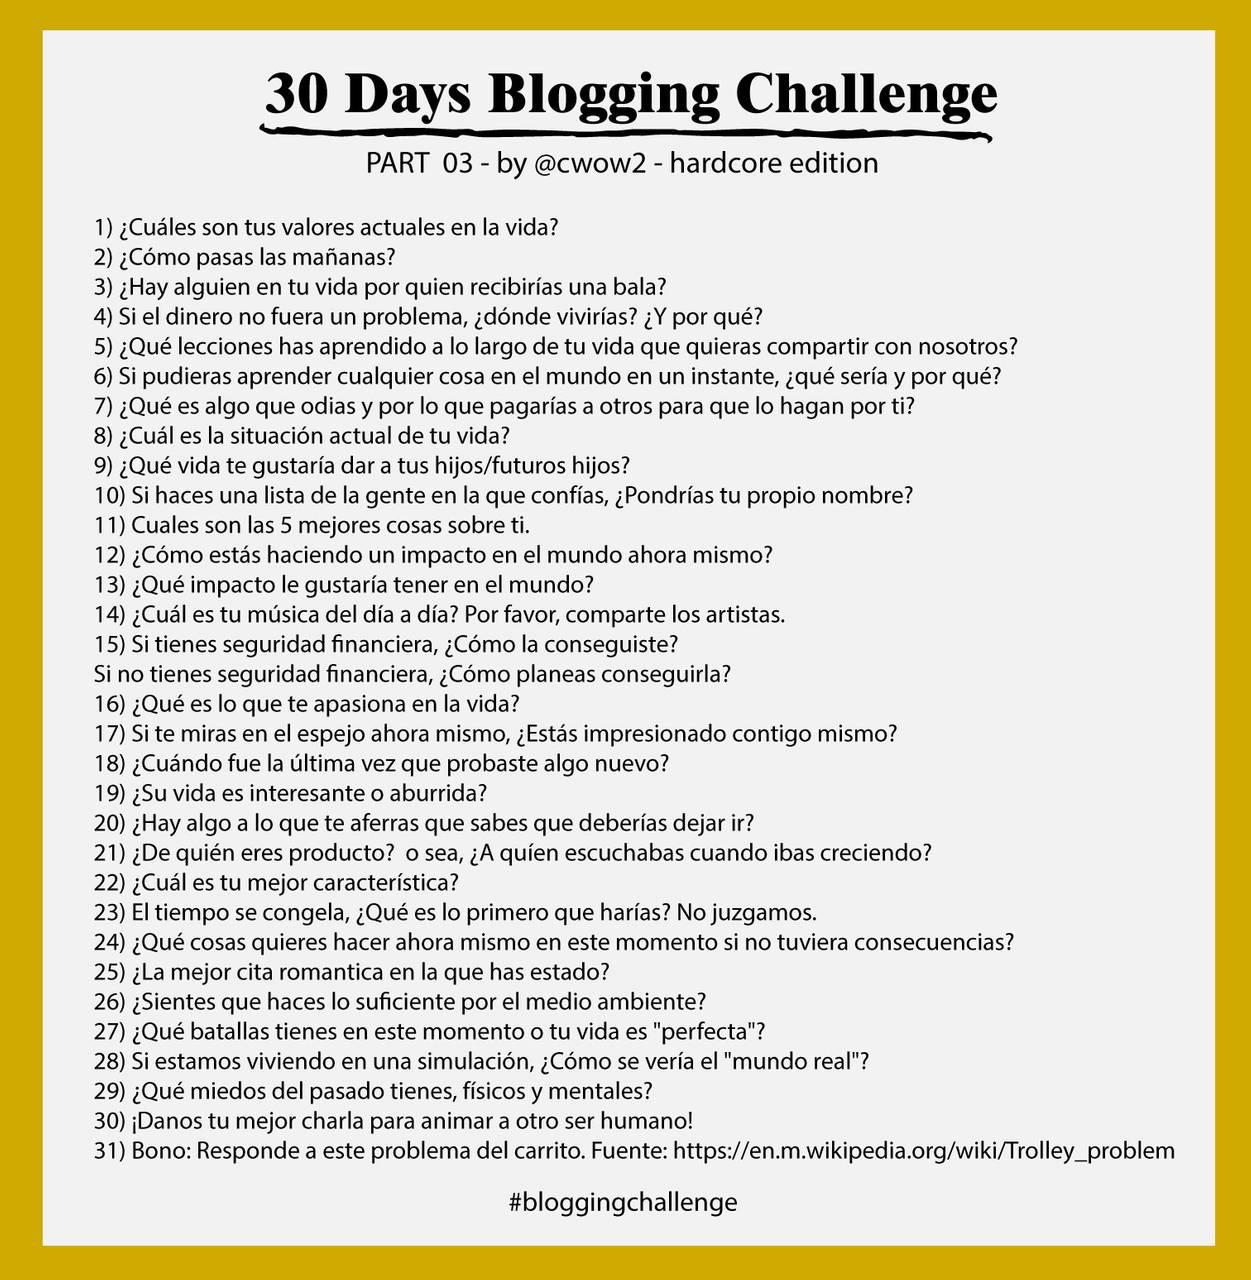 bloggingchallengepart03.0español.jpg